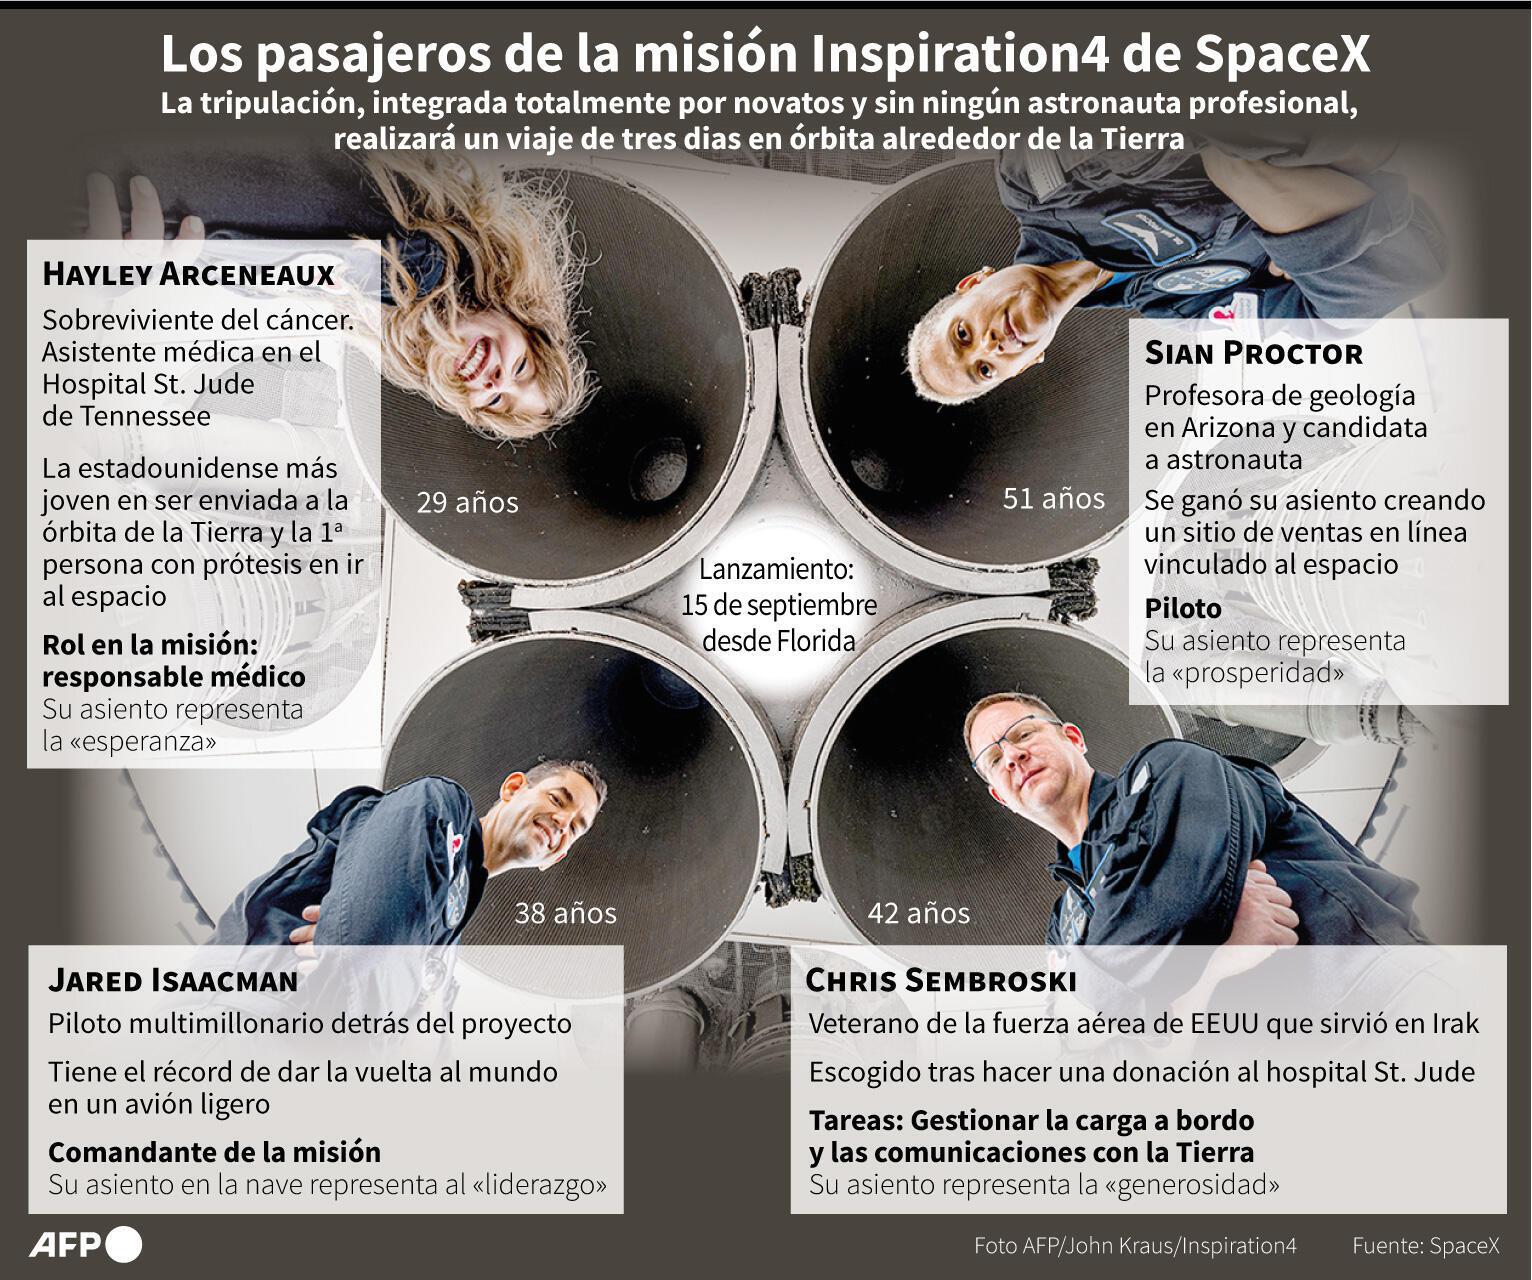 Los pasajeros de la misión Inspiration4 de SpaceX